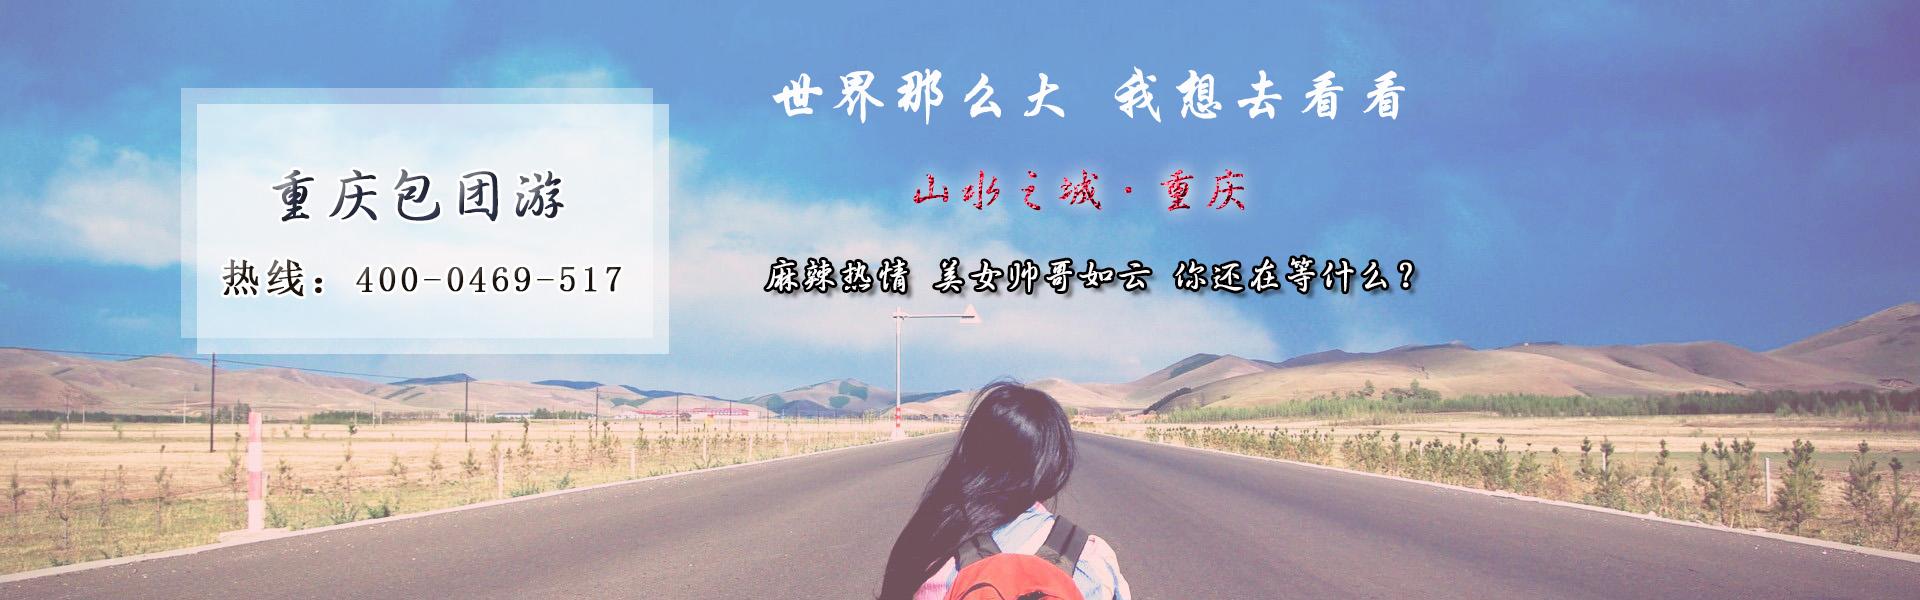 世界那么大我想去看看!重庆二日游热线:400-0469-517